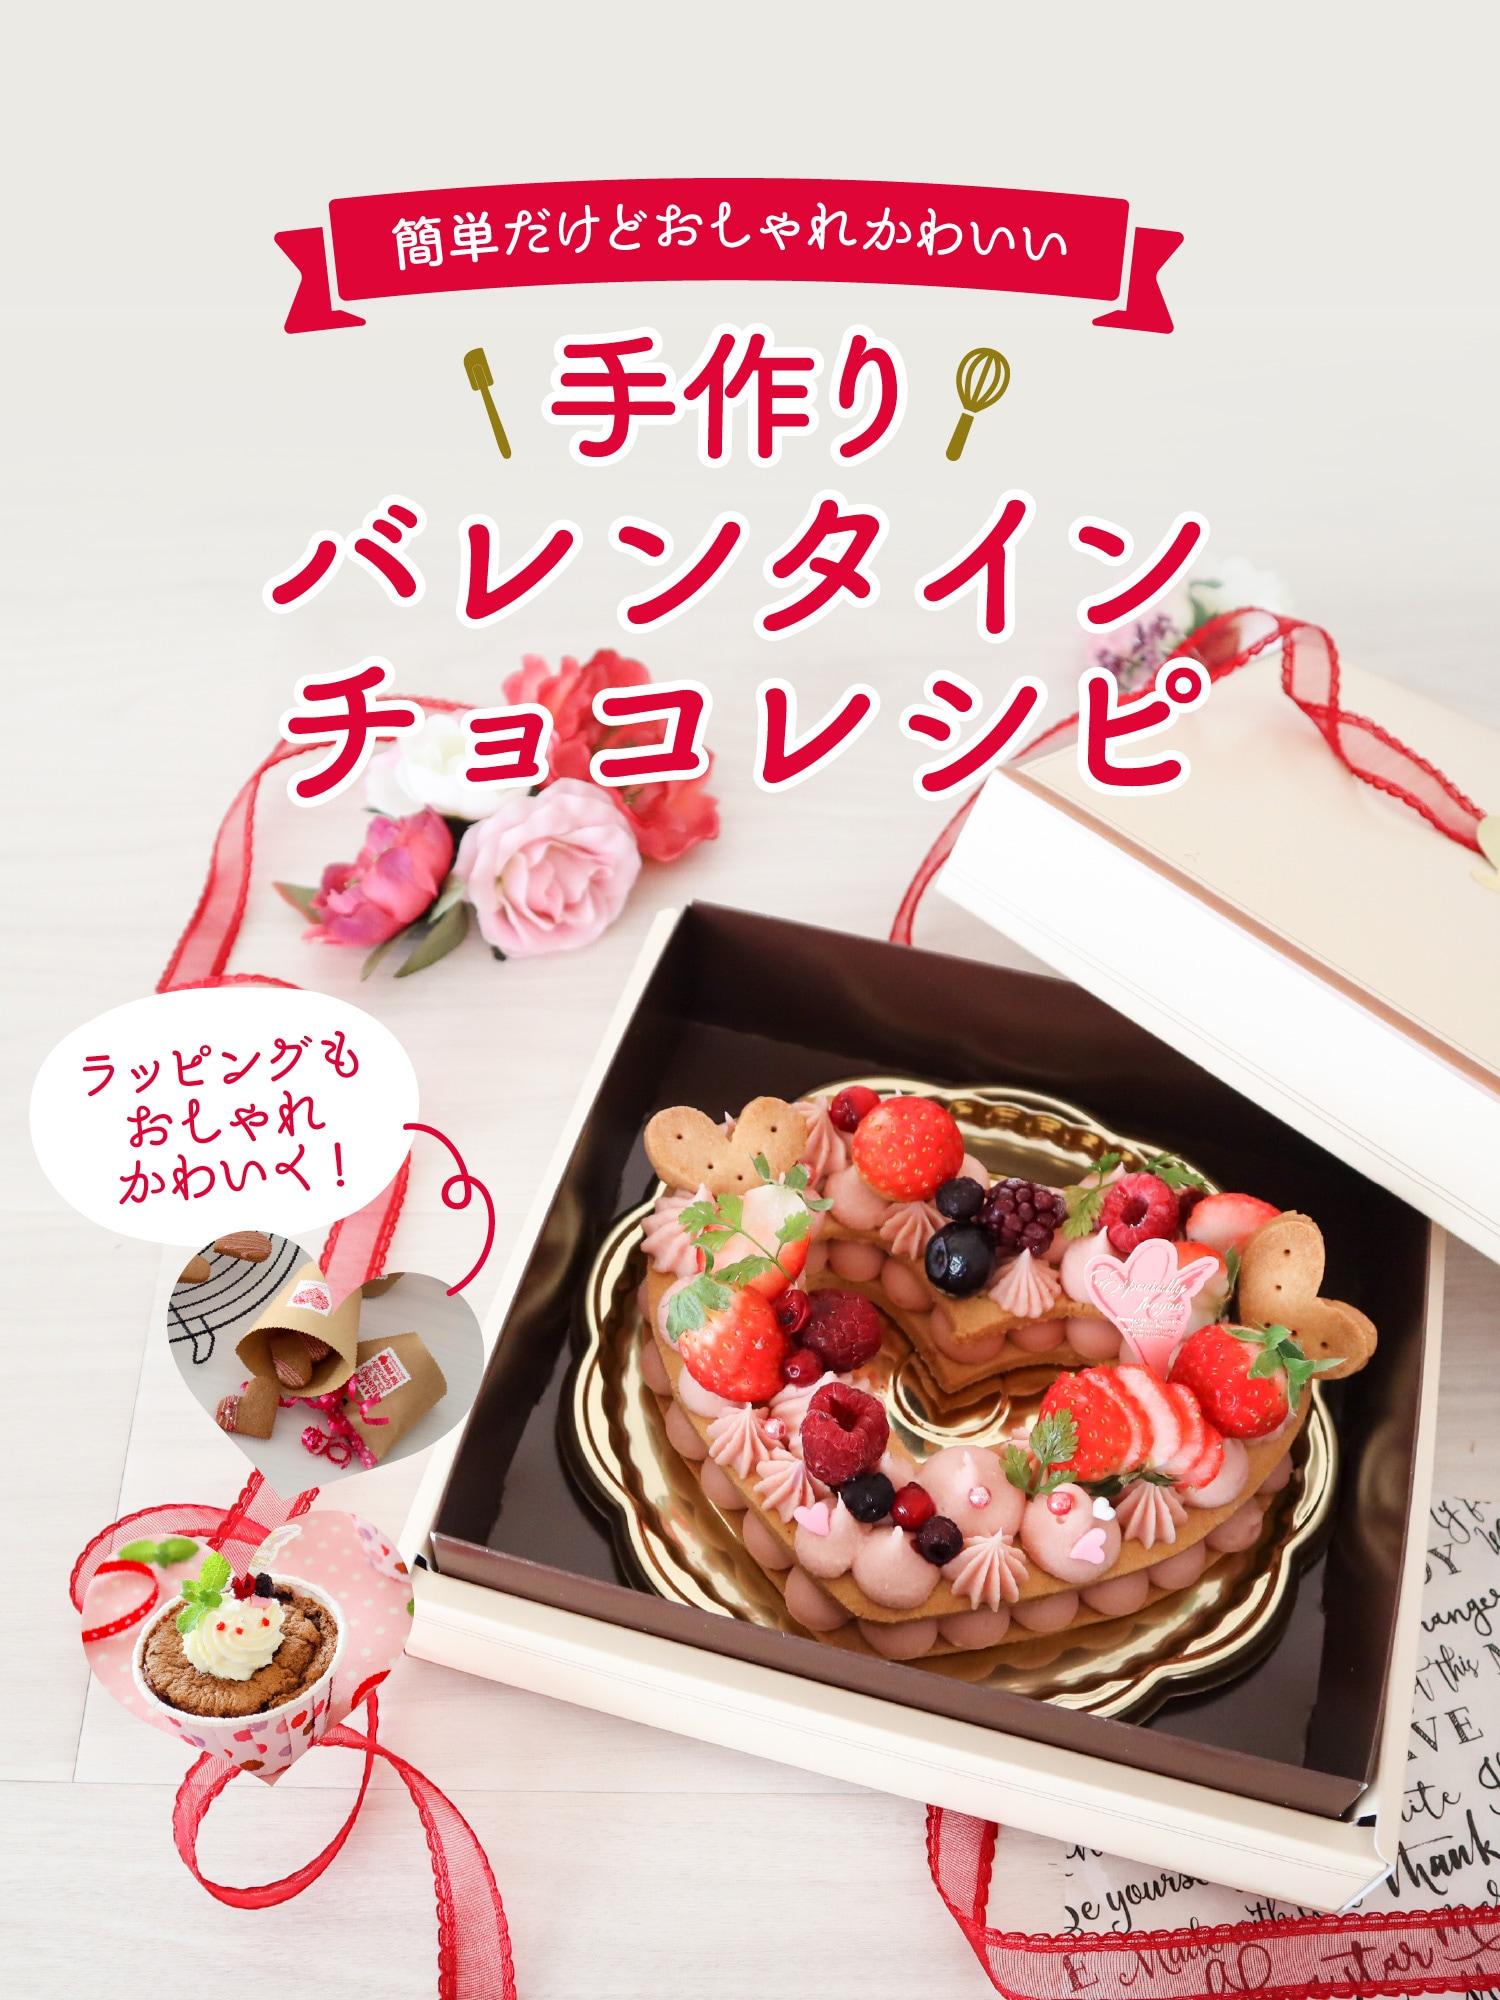 簡単だけどおしゃれかわいい!手作りバレンタインチョコレシピ